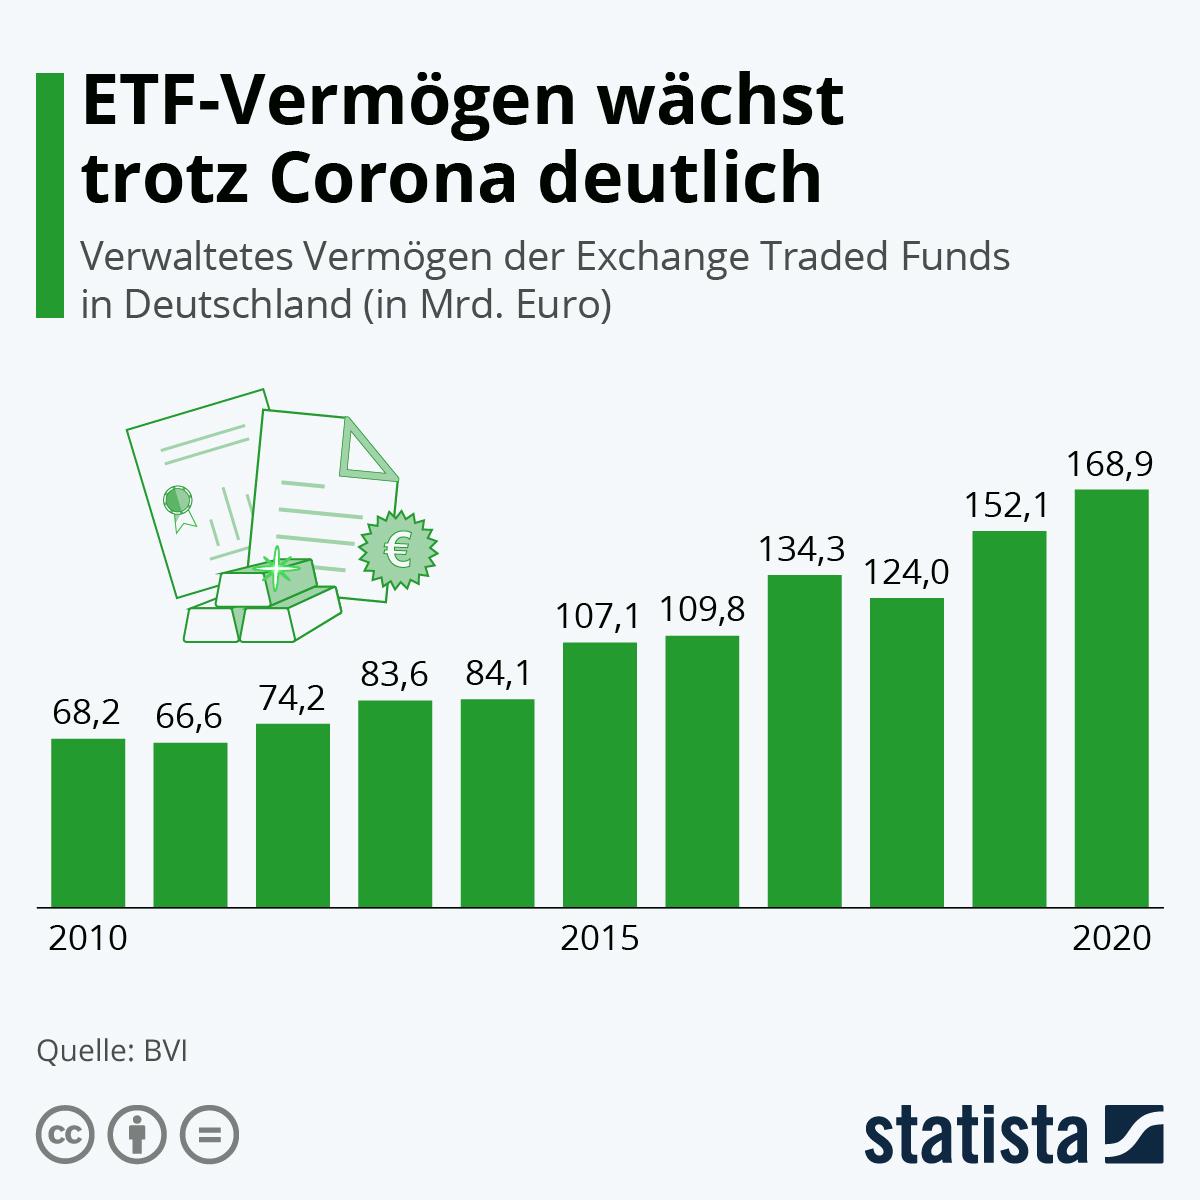 Infografik: Deutsche entdecken langsam ETFs als Anlageform | Statista